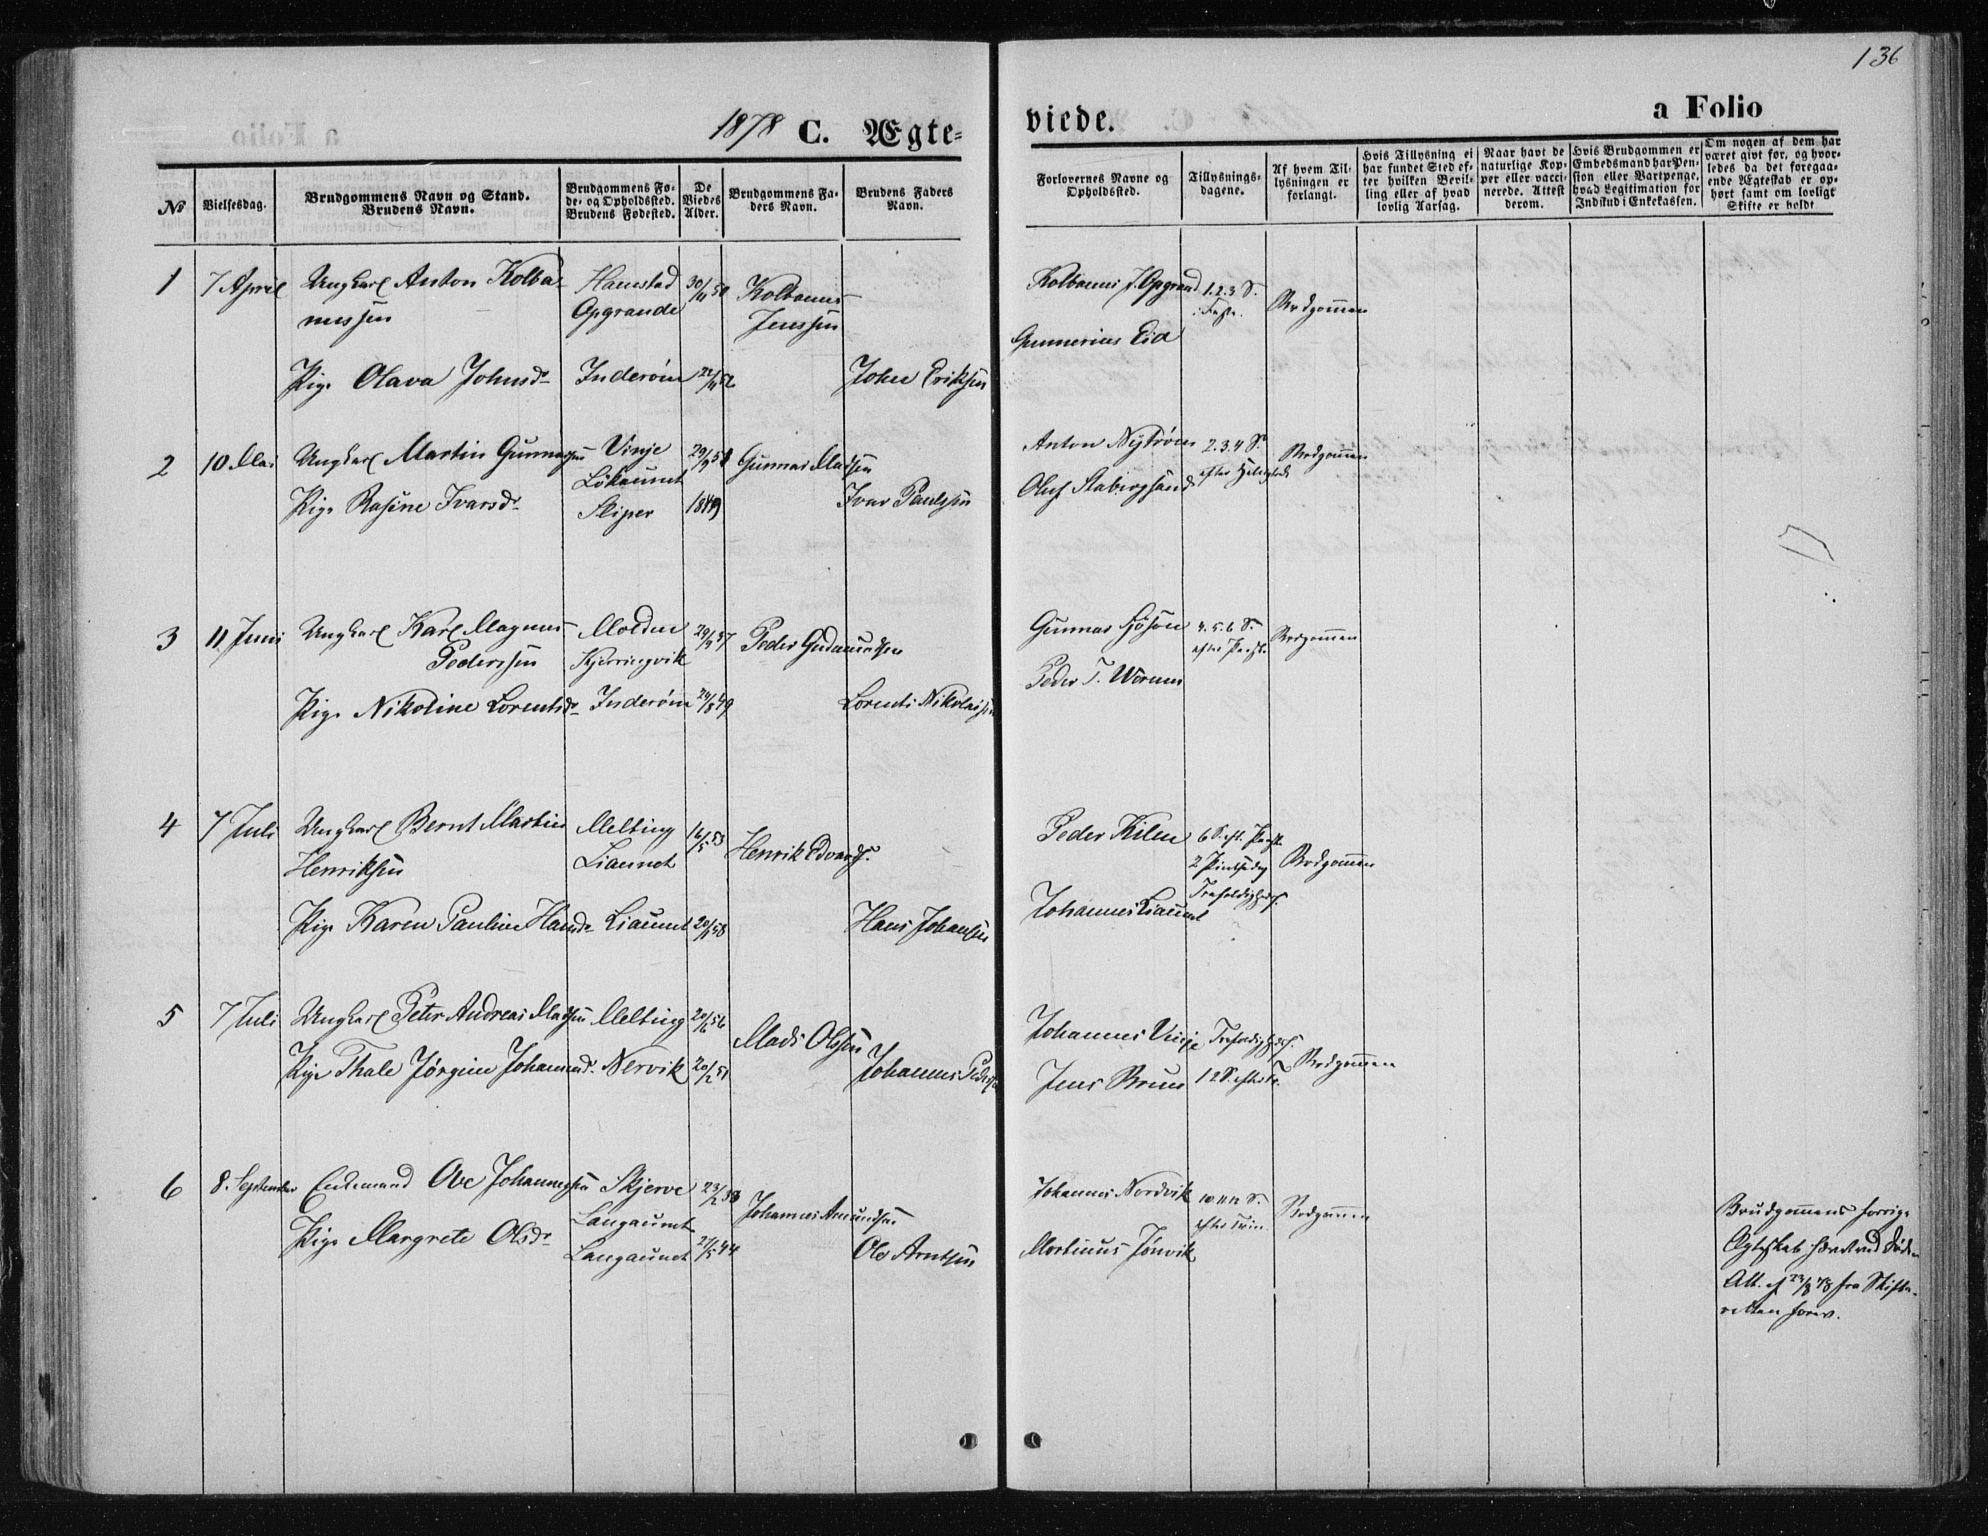 SAT, Ministerialprotokoller, klokkerbøker og fødselsregistre - Nord-Trøndelag, 733/L0324: Ministerialbok nr. 733A03, 1870-1883, s. 136